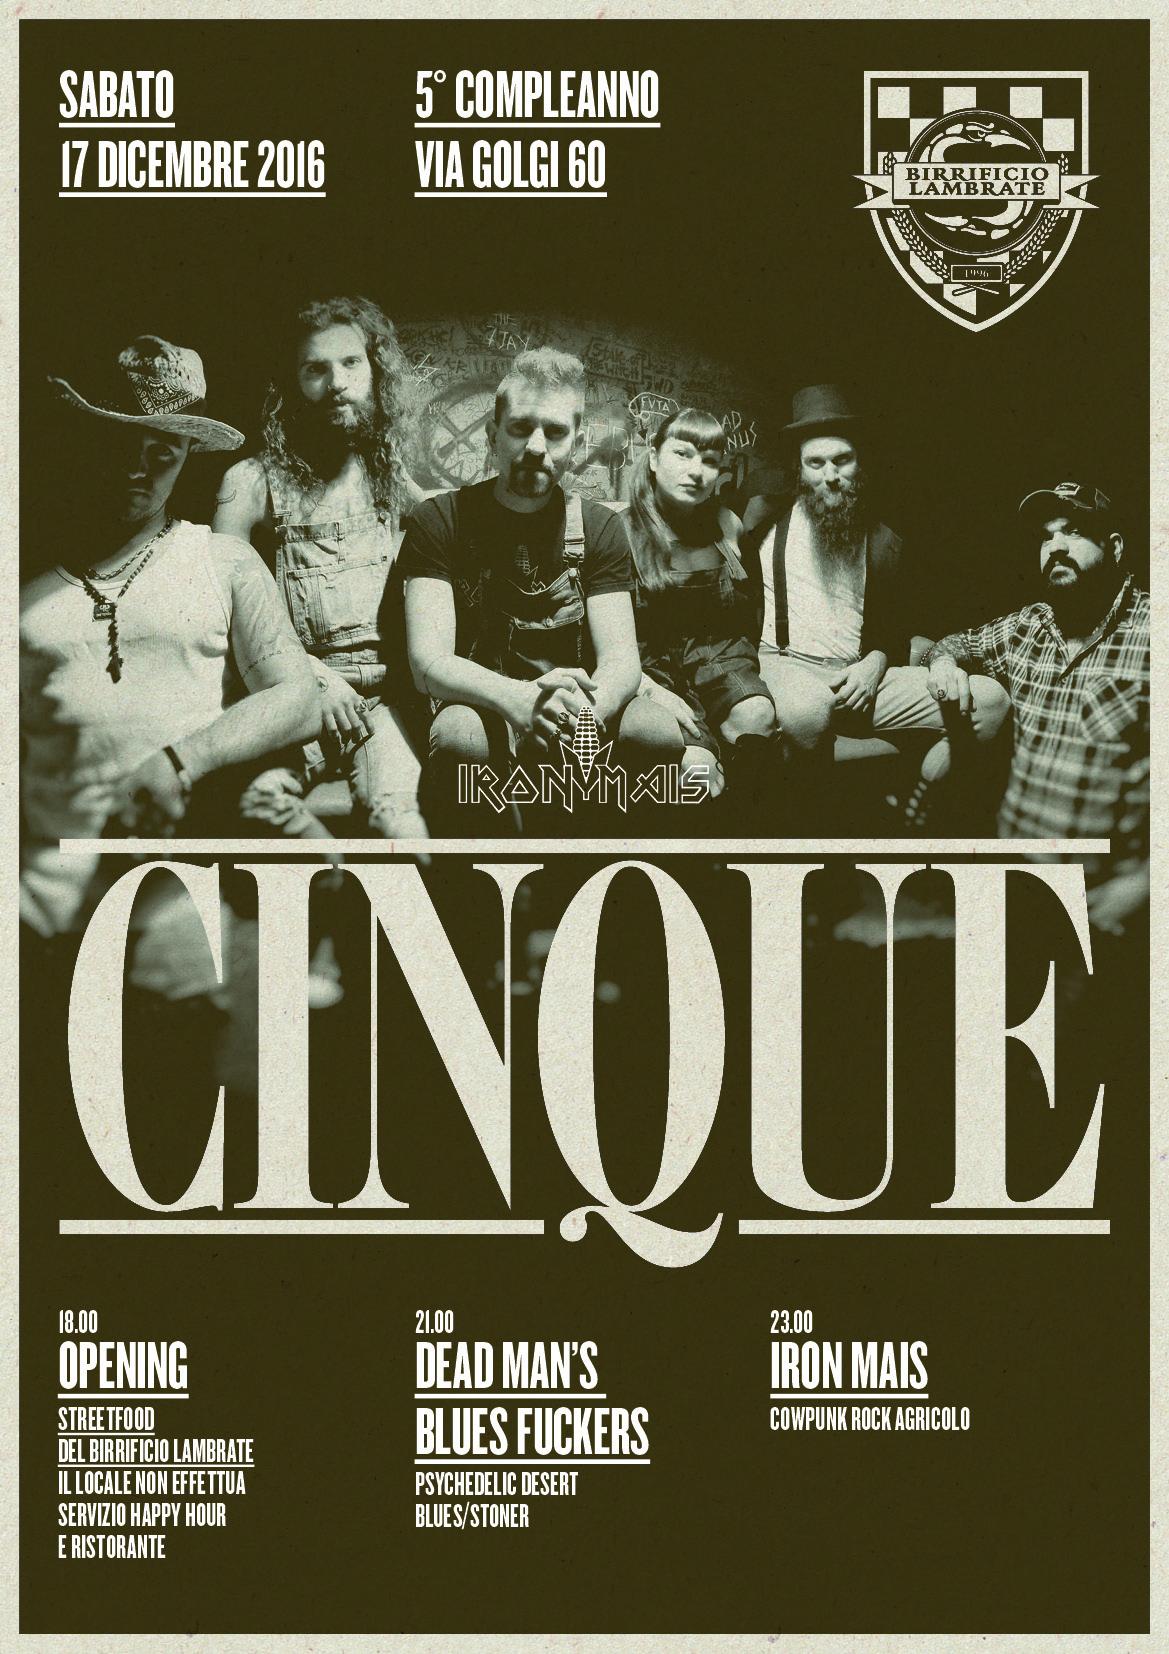 CINQUE_web3